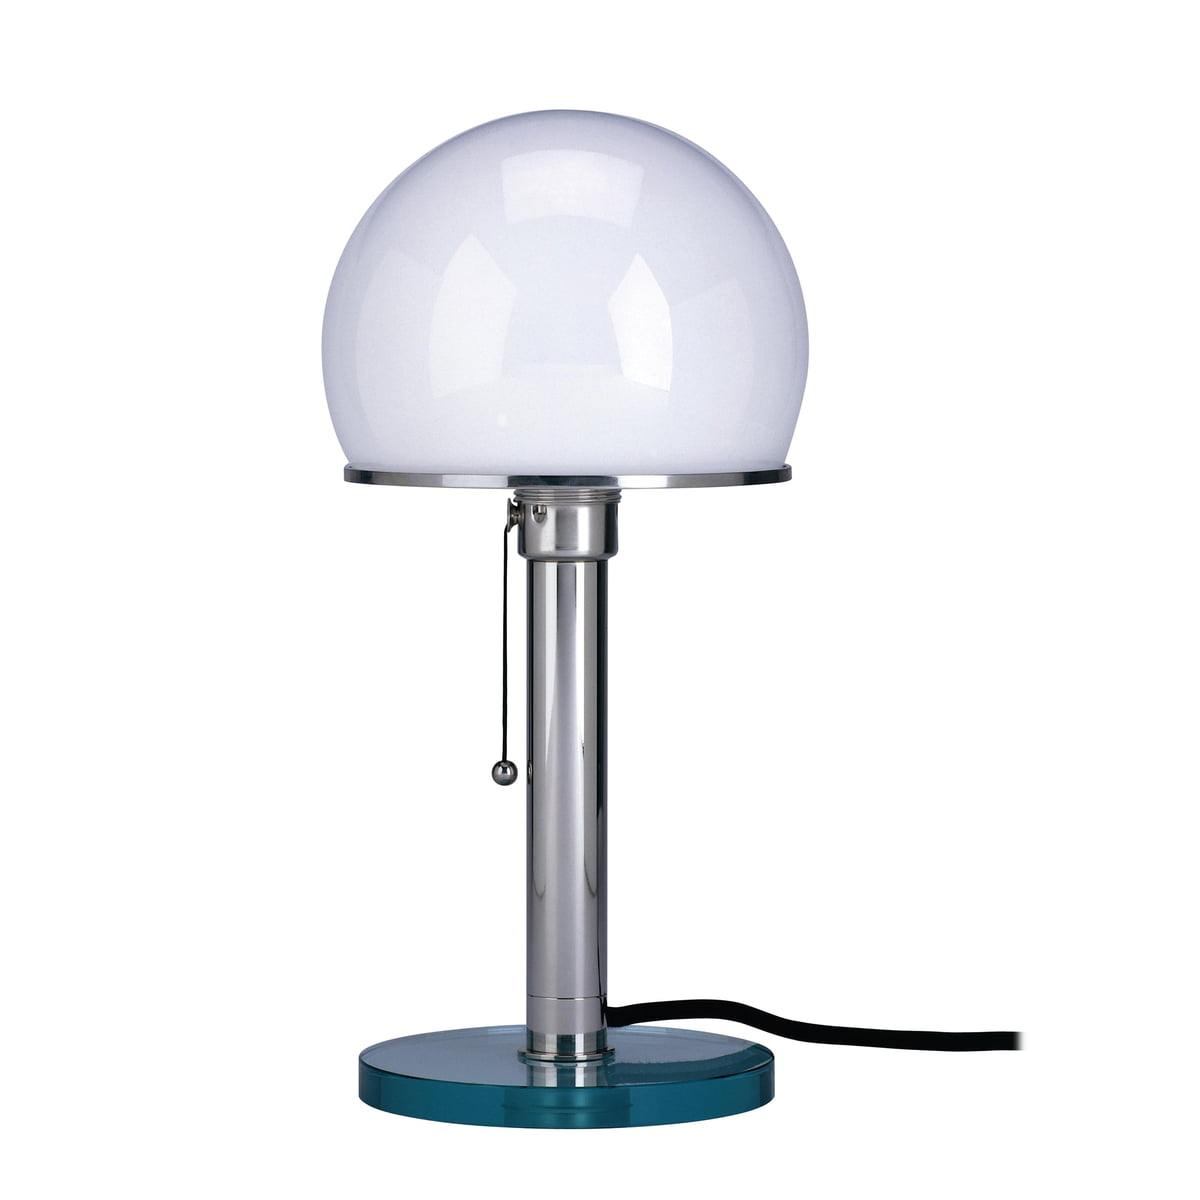 Wagenfeld Lamp Wg25 By Tecnolumen In Our Shop